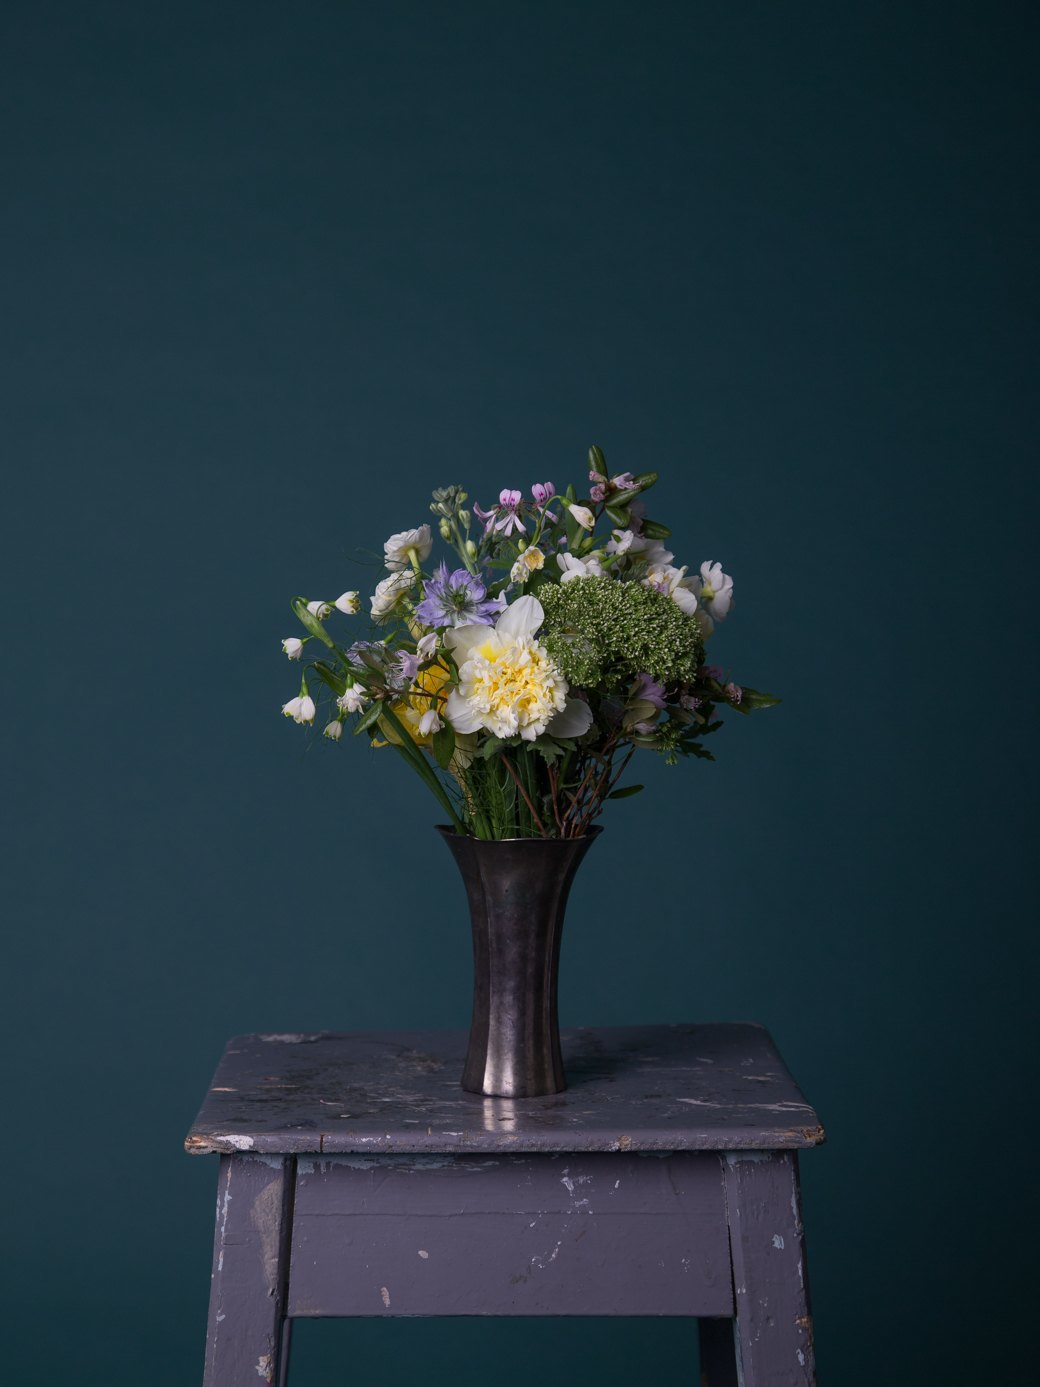 Сколько стоит букет цветов?. Изображение № 3.